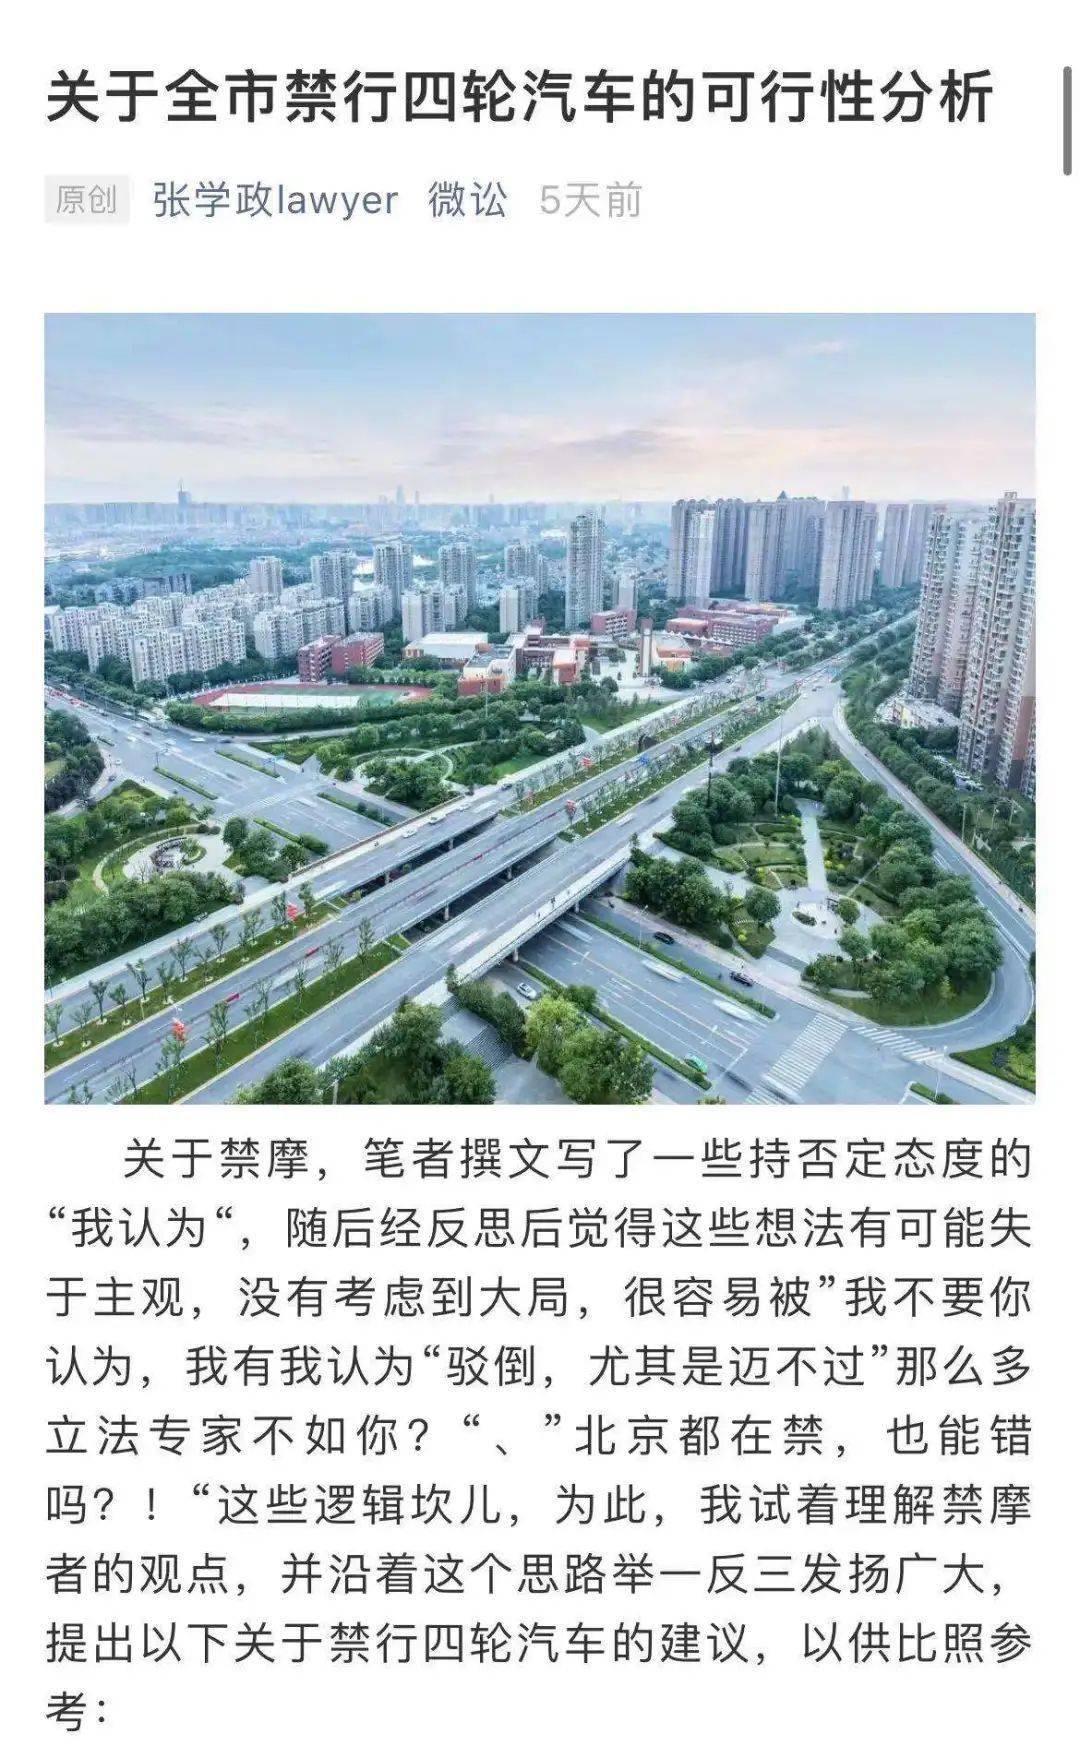 深圳律师发长文分析禁止四轮的可行性 / 胡斯瓦纳黑白双箭价格出来了!5.18万